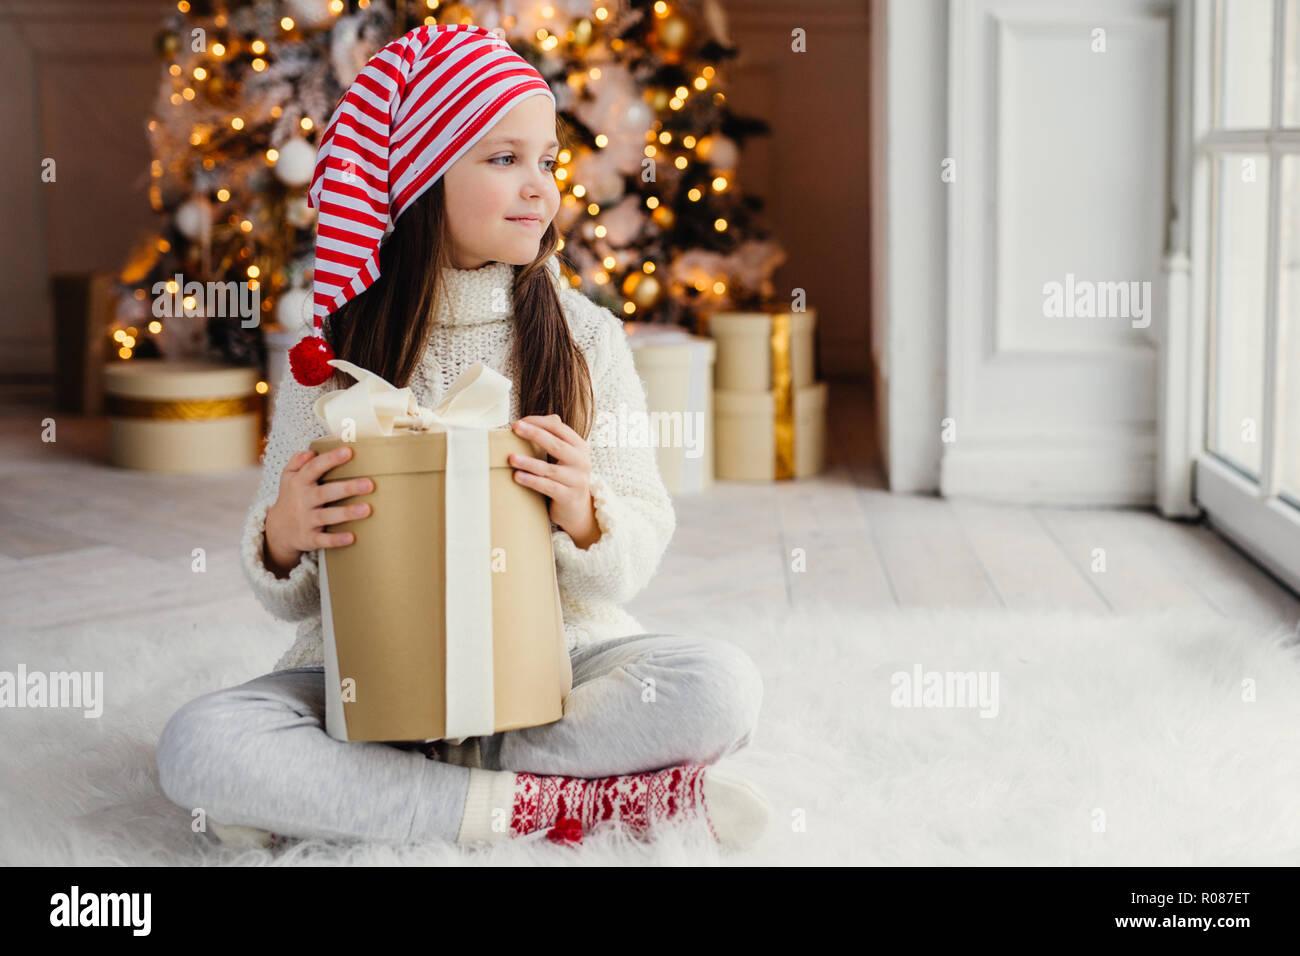 ccb8fe89018a0 Happy New Year Santa Claus Room Home Window Stock Photos   Happy New ...